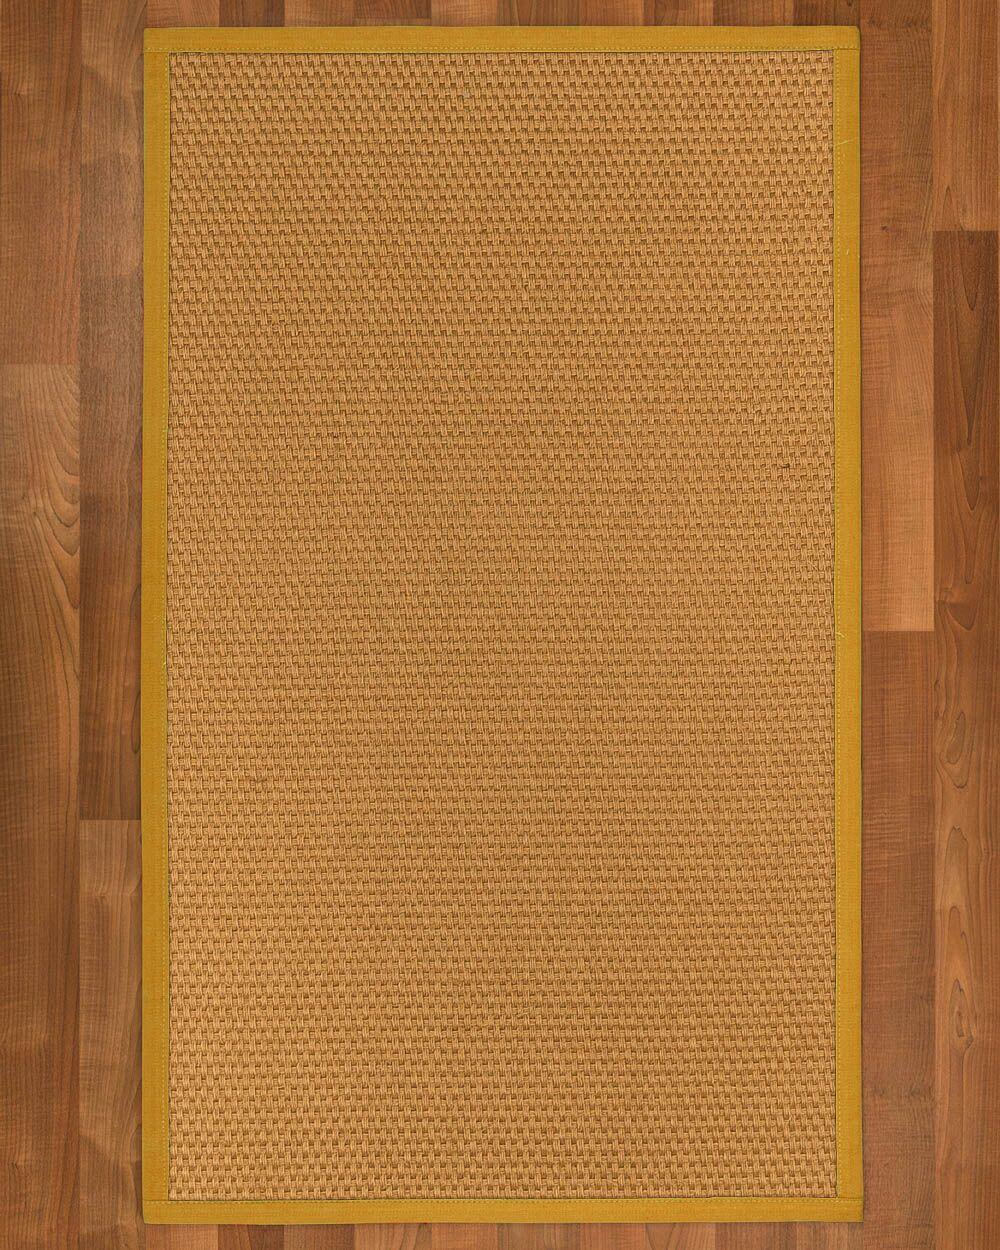 Shauntel Hand Woven Yellow Area Rug